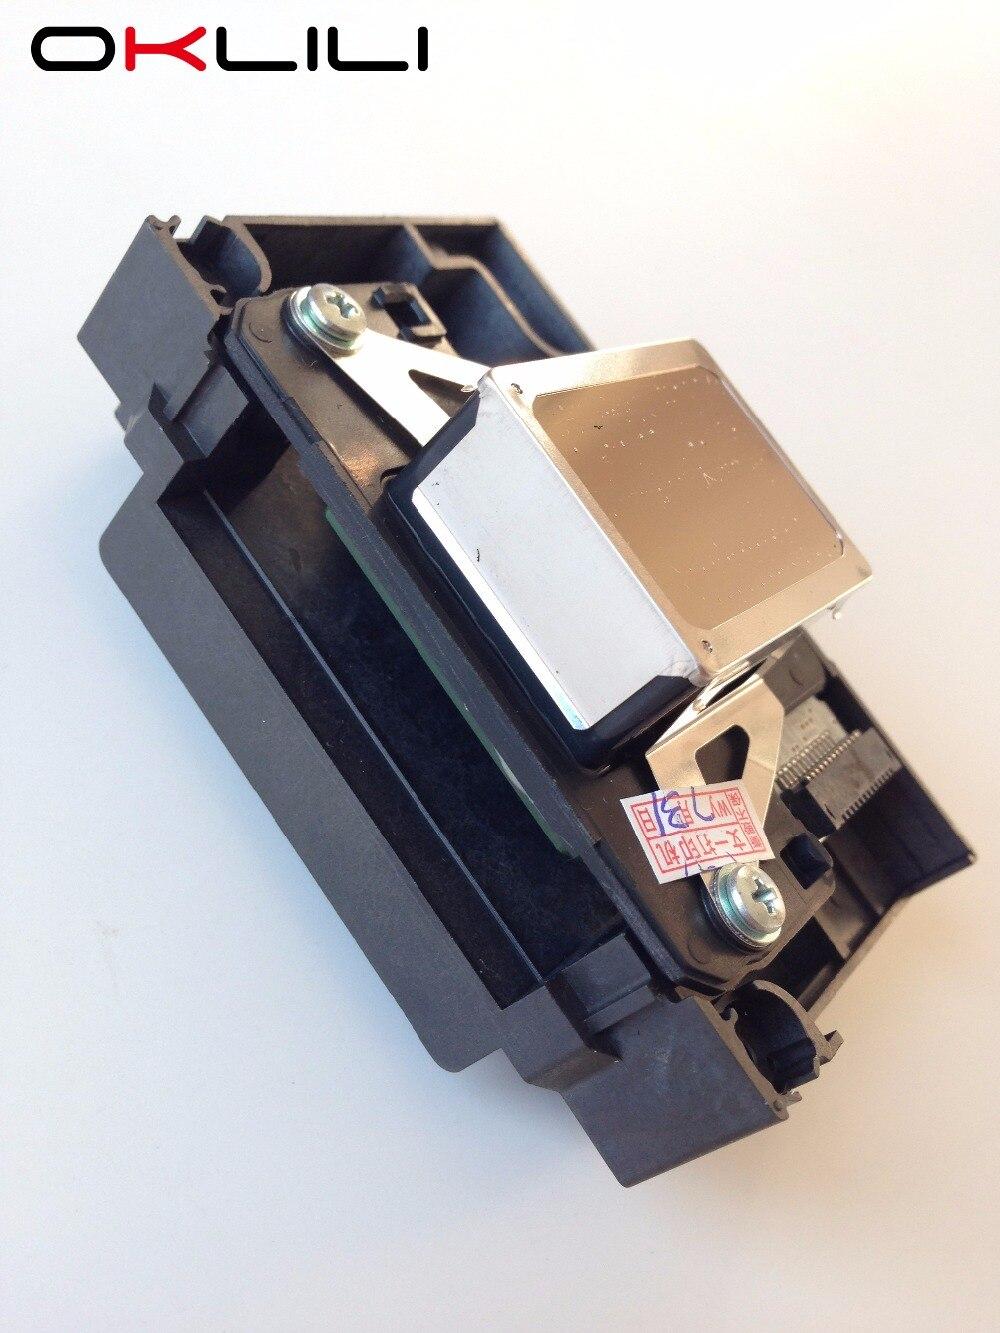 NOUVEAU F180000 Tête D'impression Tête d'impression pour Epson R280 R285 R290 R295 R330 RX610 RX690 PX660 PX610 P50 P60 T50 T60 T59 TX650 L800 L801 - 4